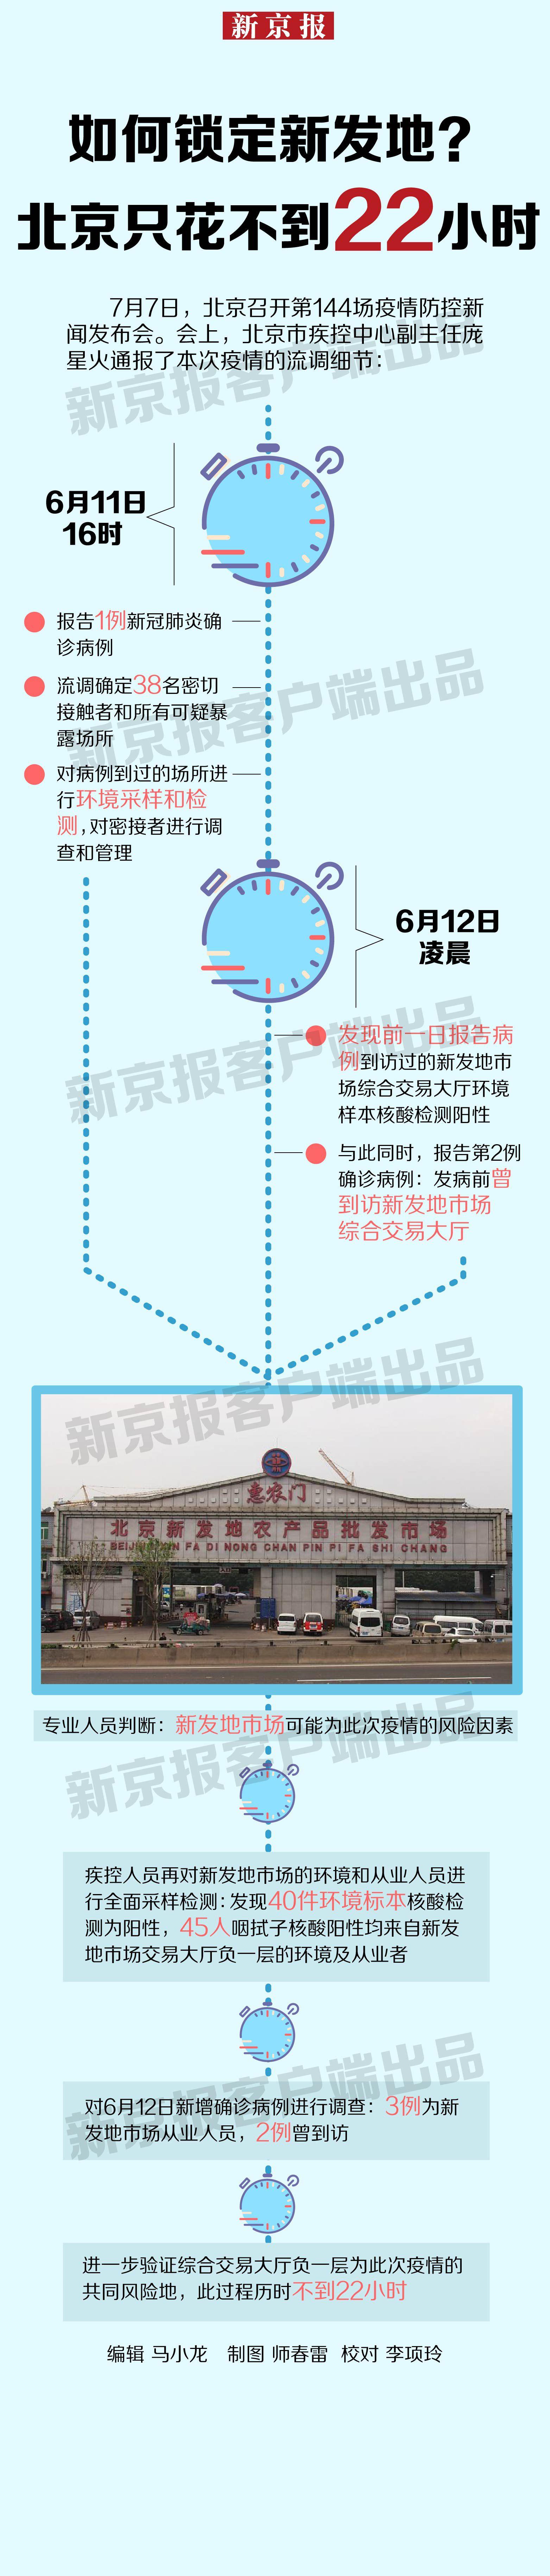 如何鎖定新發地?北京只花不到22小時圖片